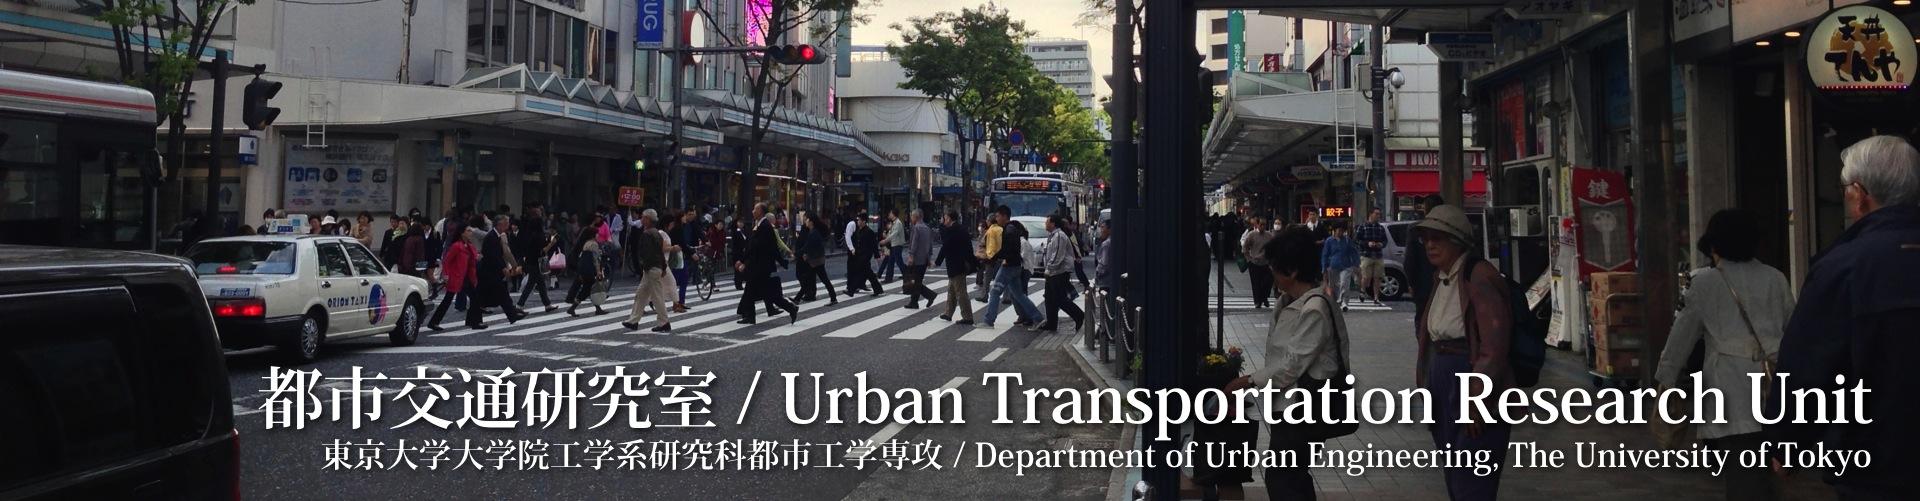 東京大学都市交通研究室 / Urban Transportation Research Unit, UTokyo